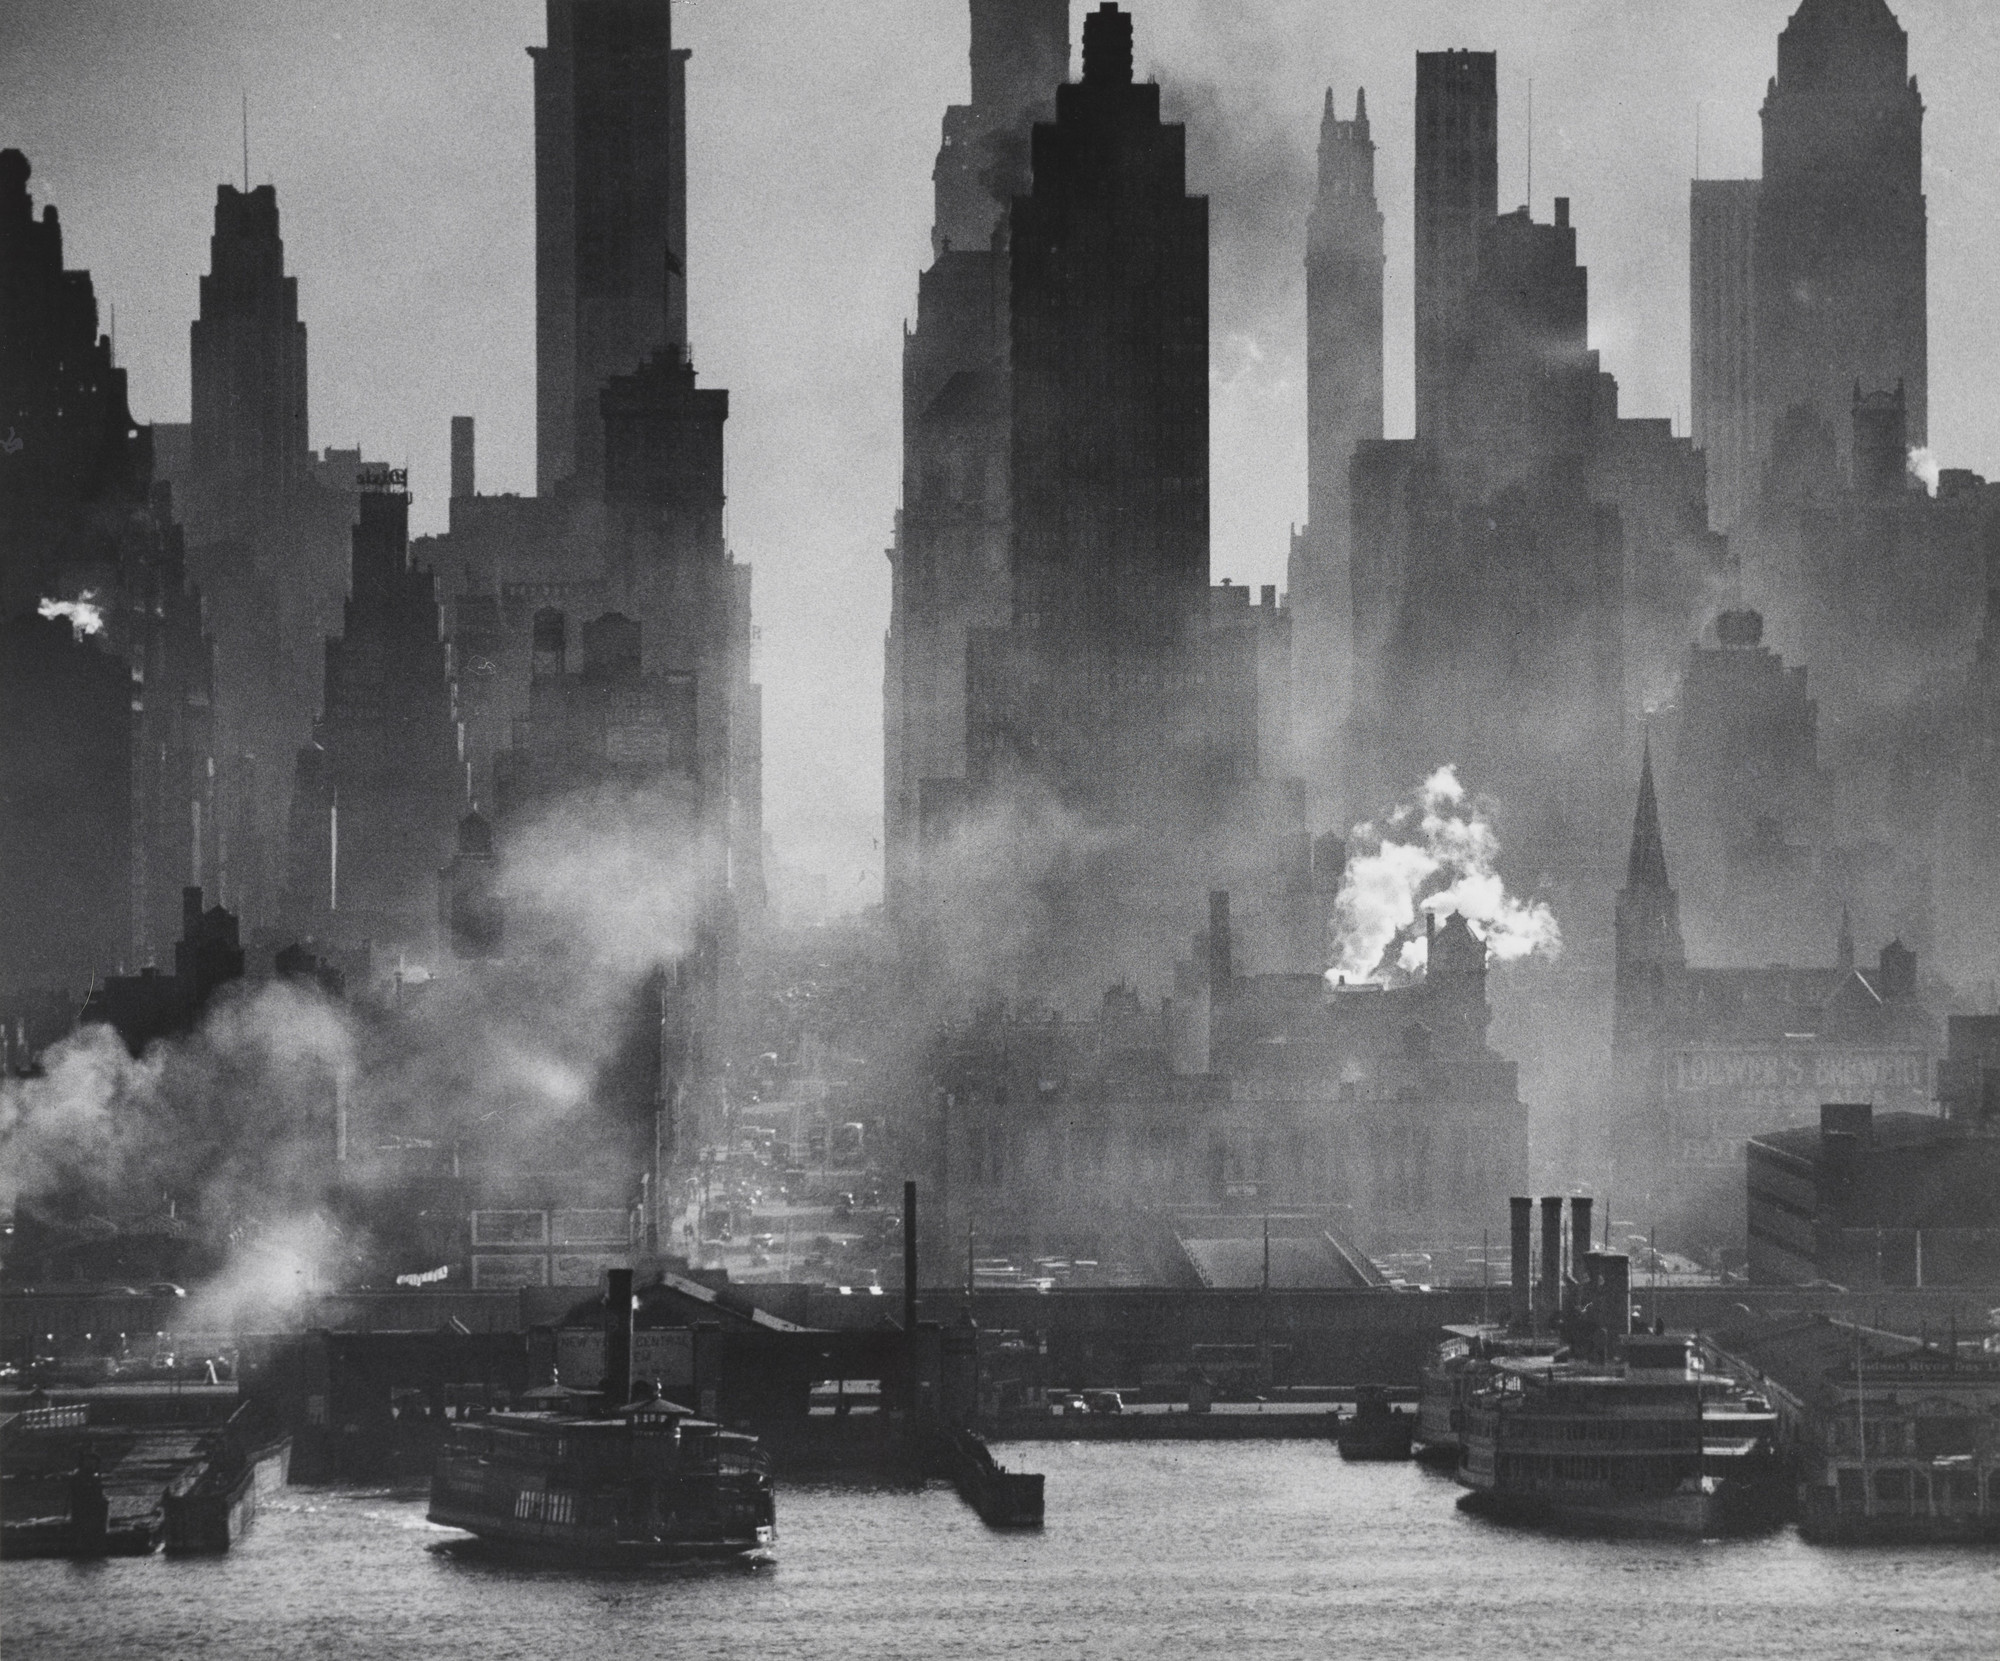 Andreas Feininger | MoMA